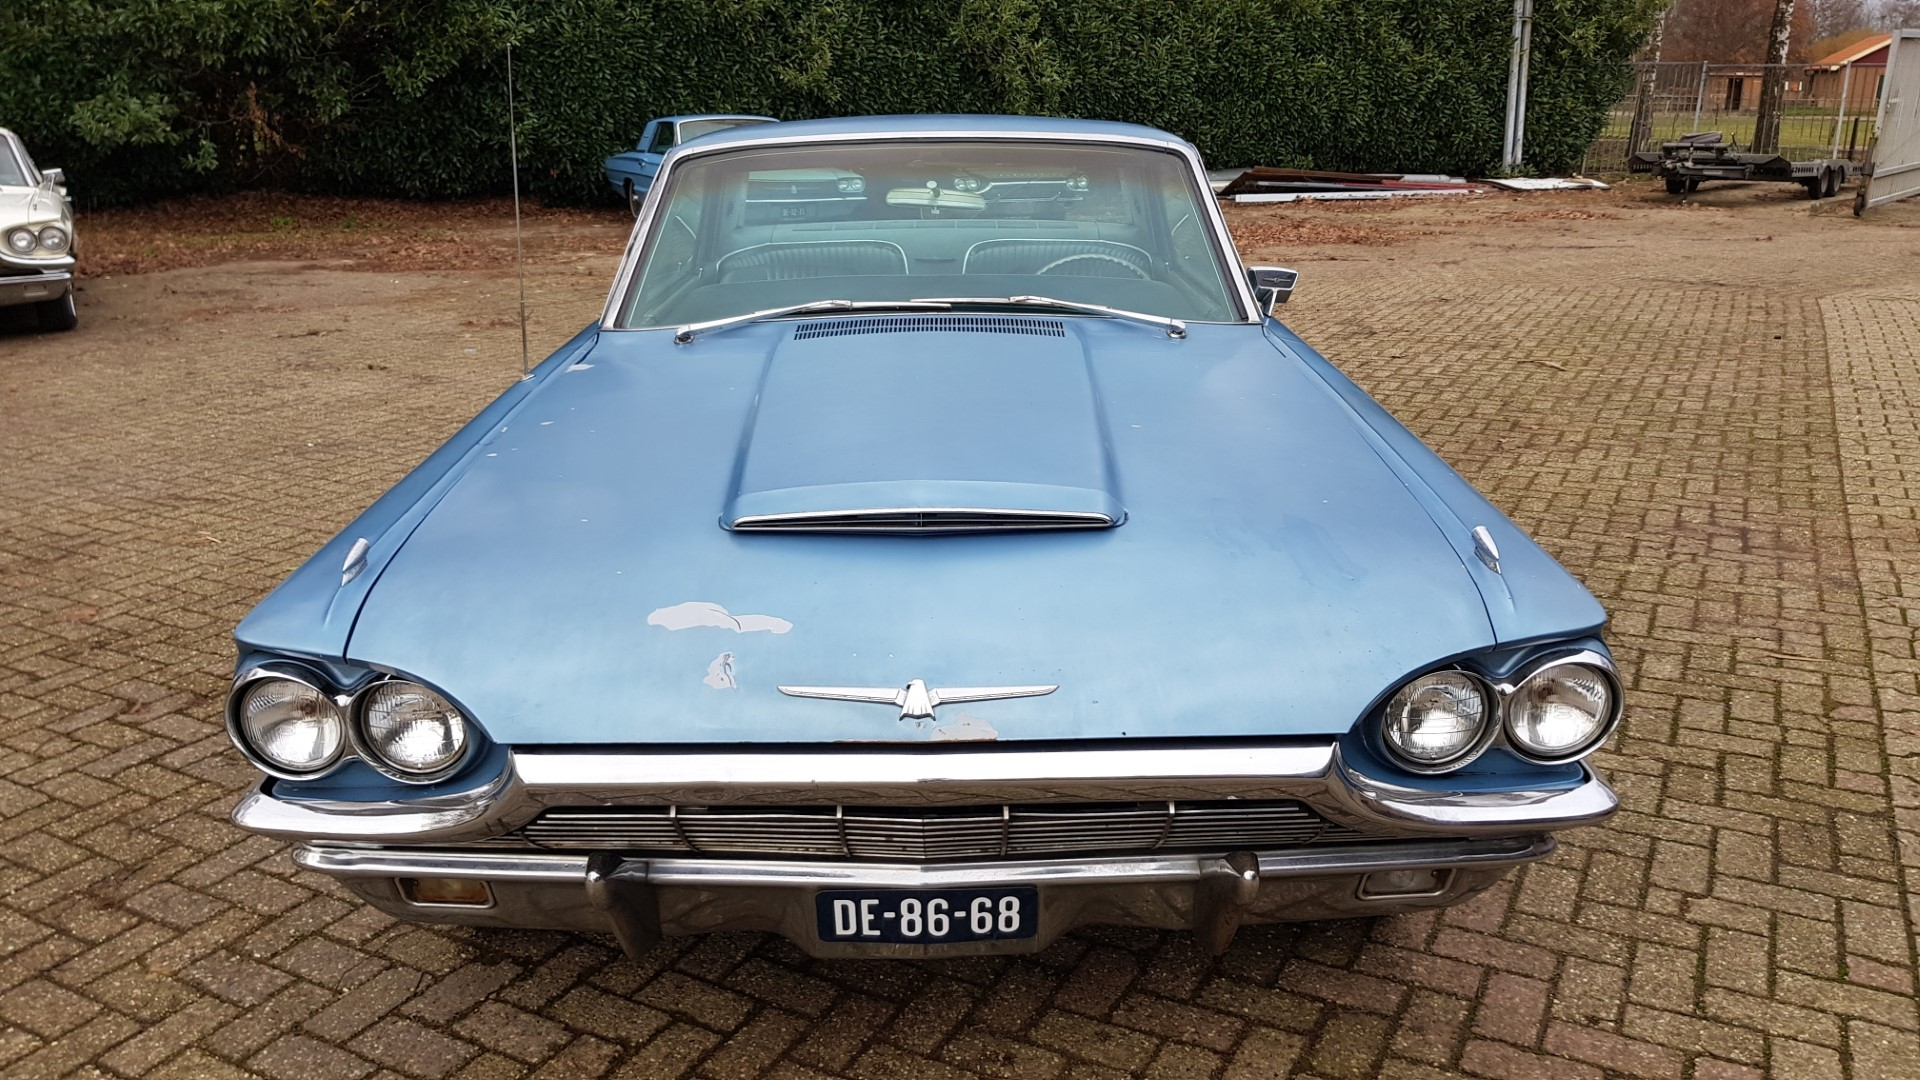 1965 Ford Thunderbird Hardtop 390ci FE (8)